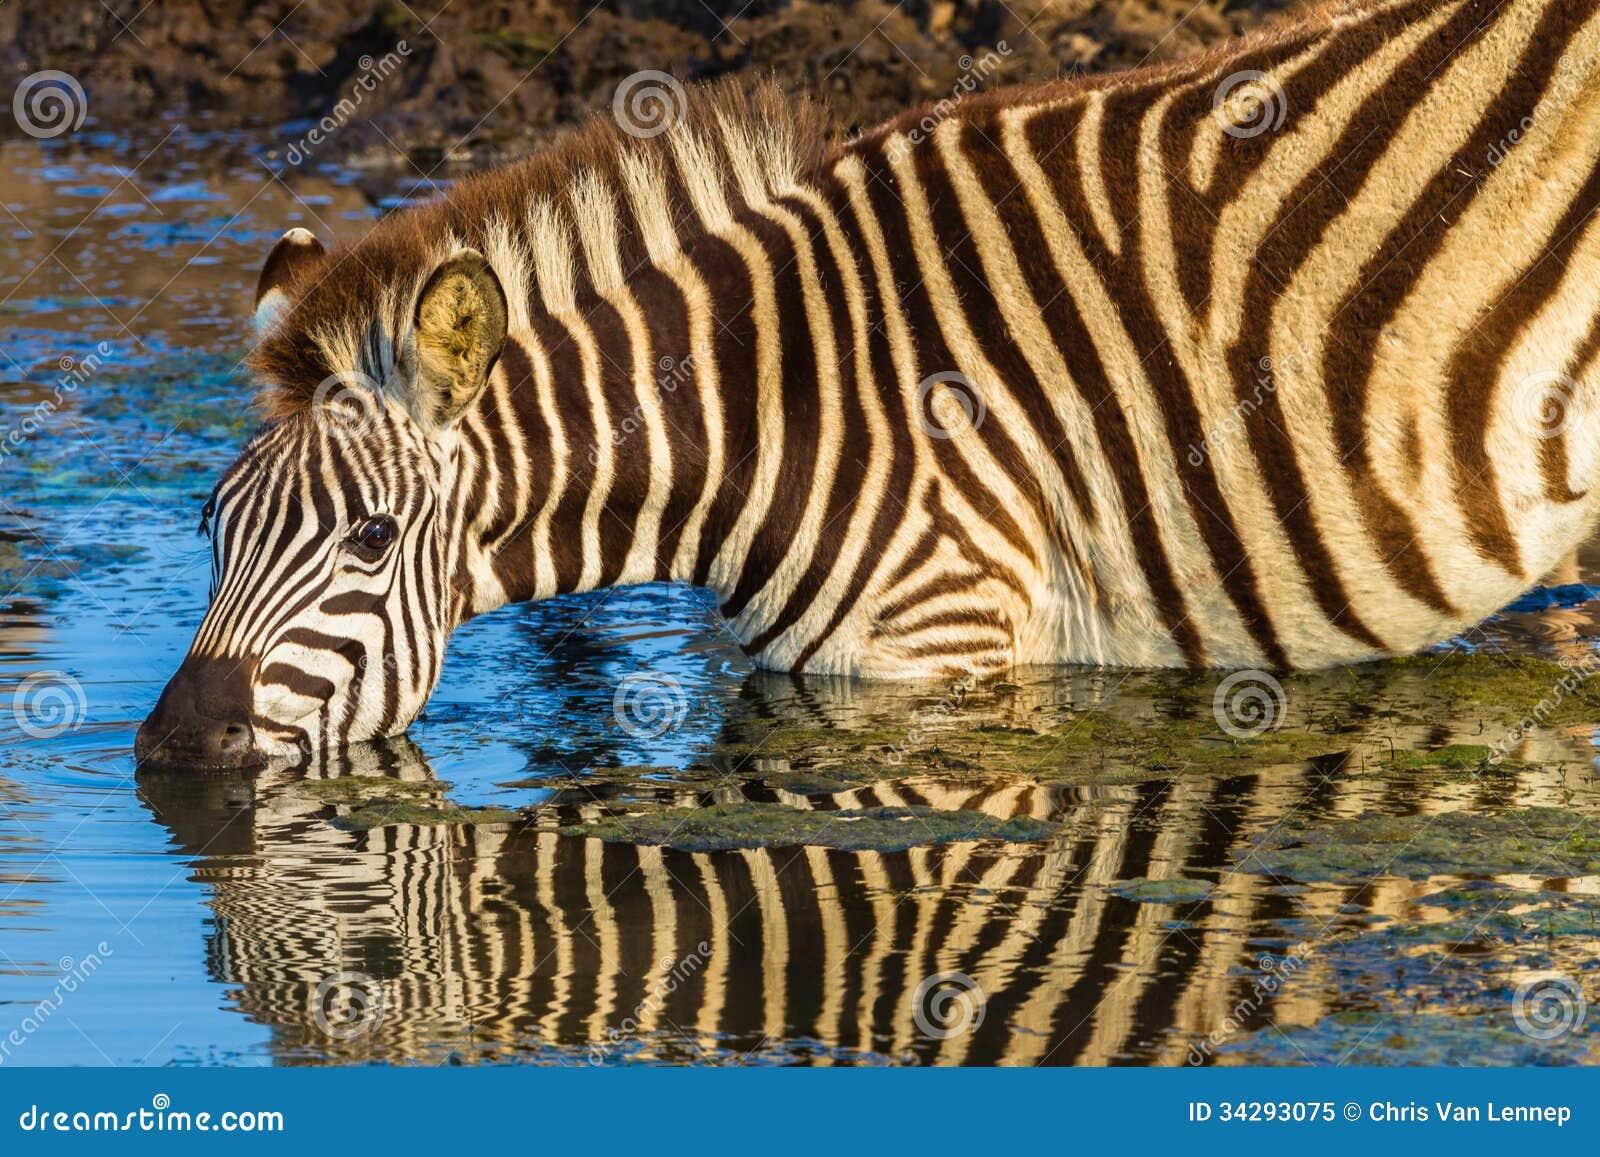 Ziemlich Zebra Label Vorlage Ideen - Entry Level Resume Vorlagen ...